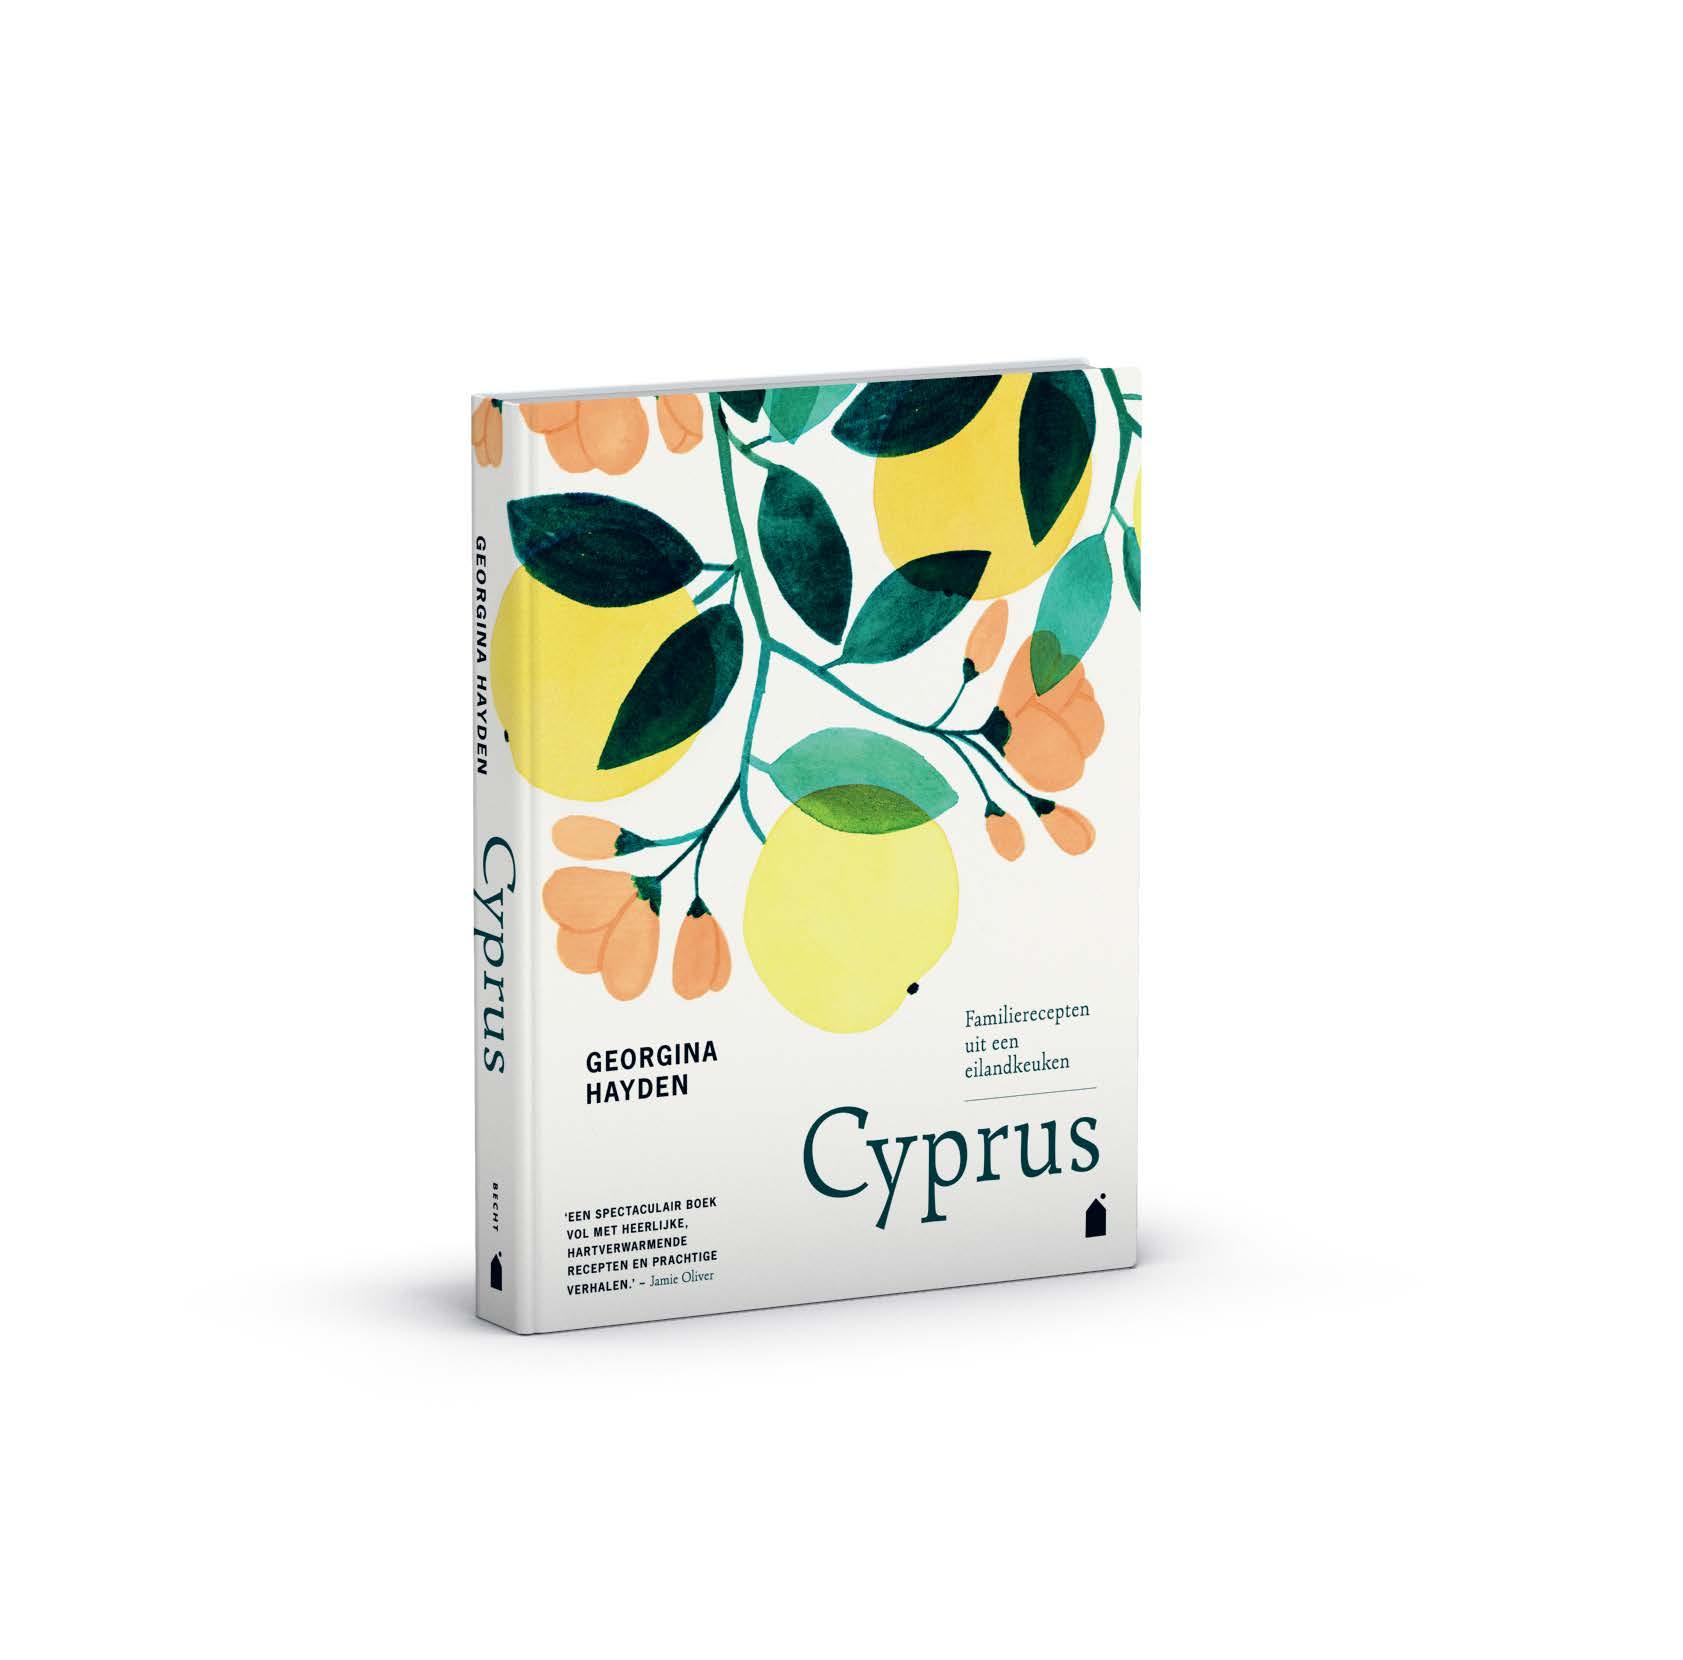 Cyprus, érg lekker (eet)lezen! + recept voor COURGETTEKEFTEDES